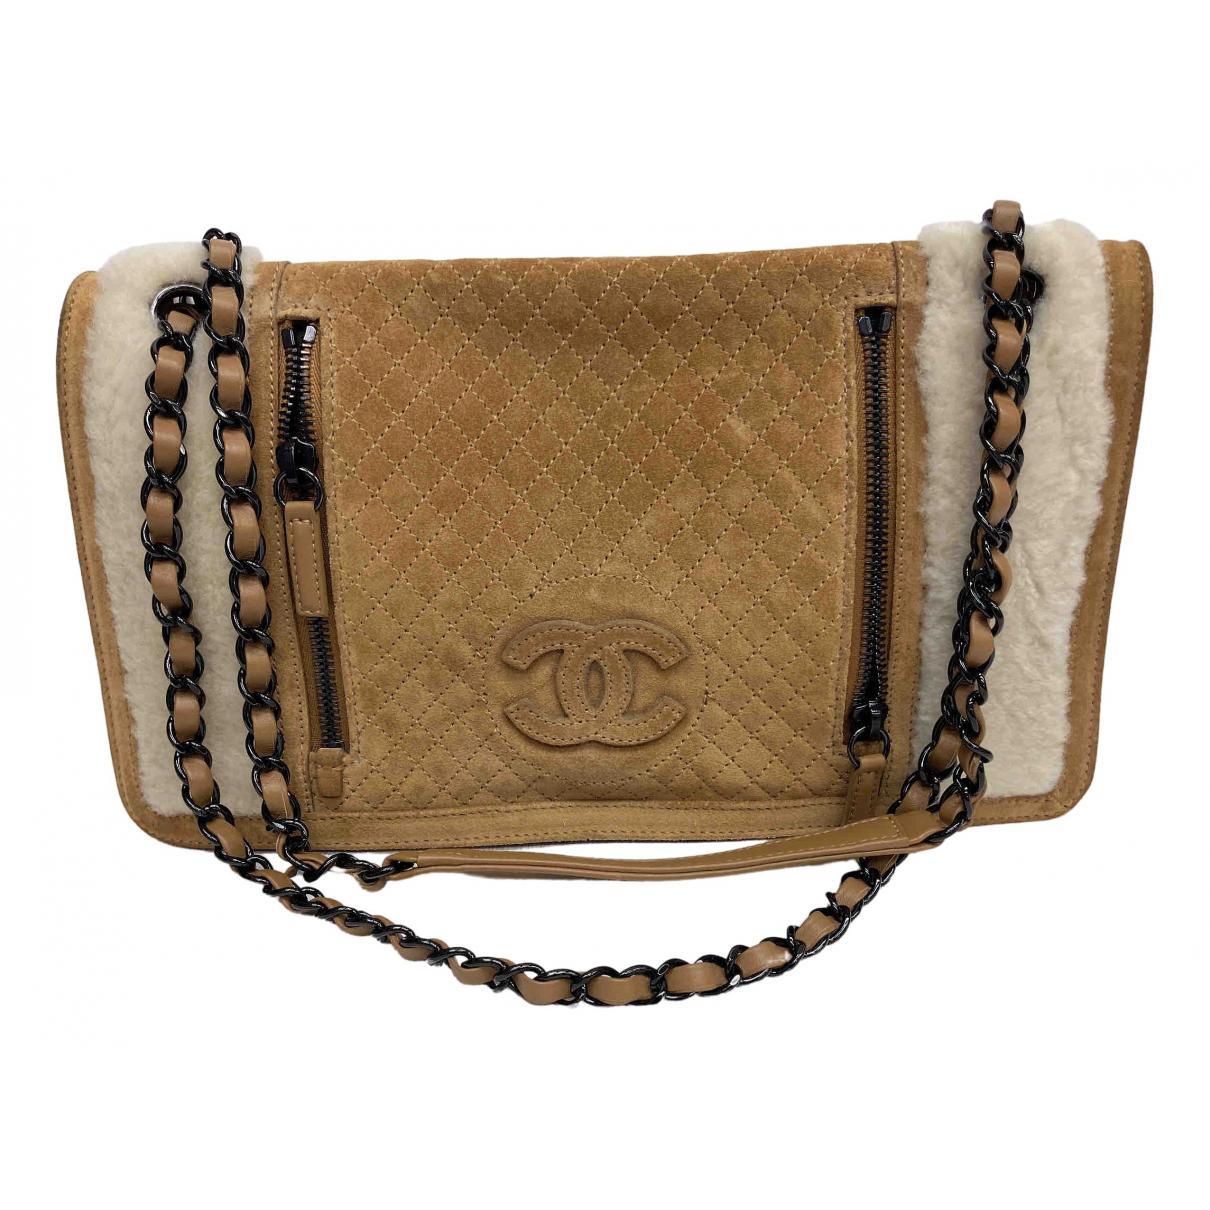 Chanel - Sac a main   pour femme en suede - camel